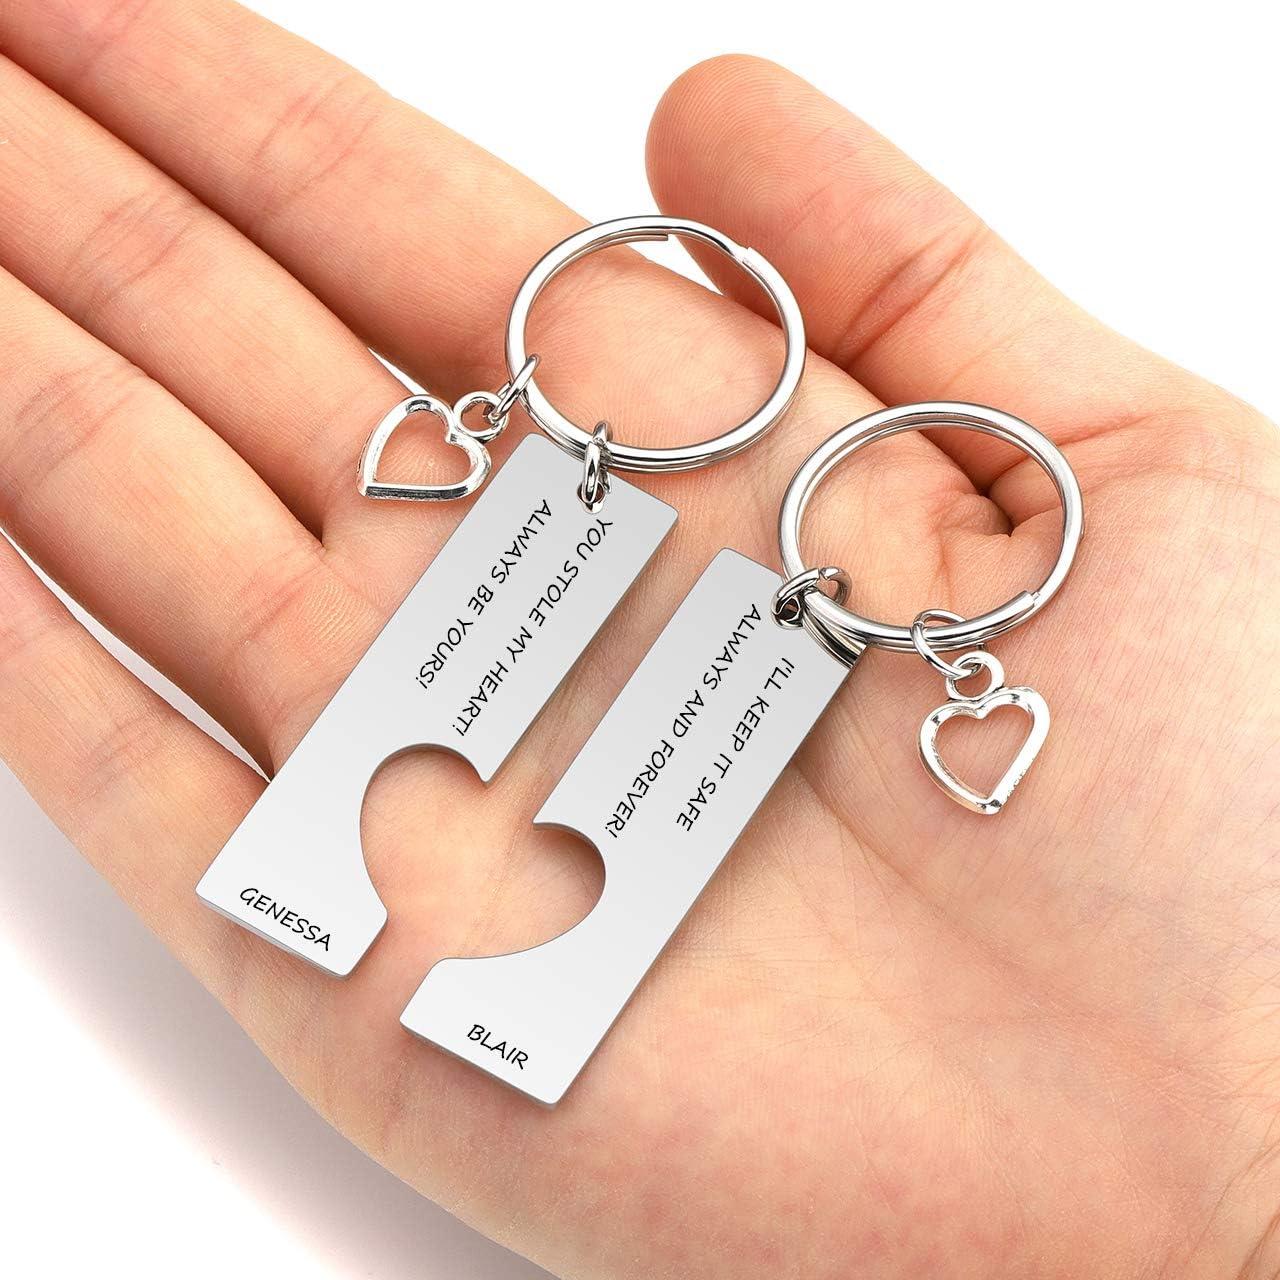 Gravure Zysta Porte Clef Cl/és Gravure Personnalis/ée Keychain Pendentif Maison Famille Acier Inoxydable ID Tag Accessoire Amoureux Cadeau